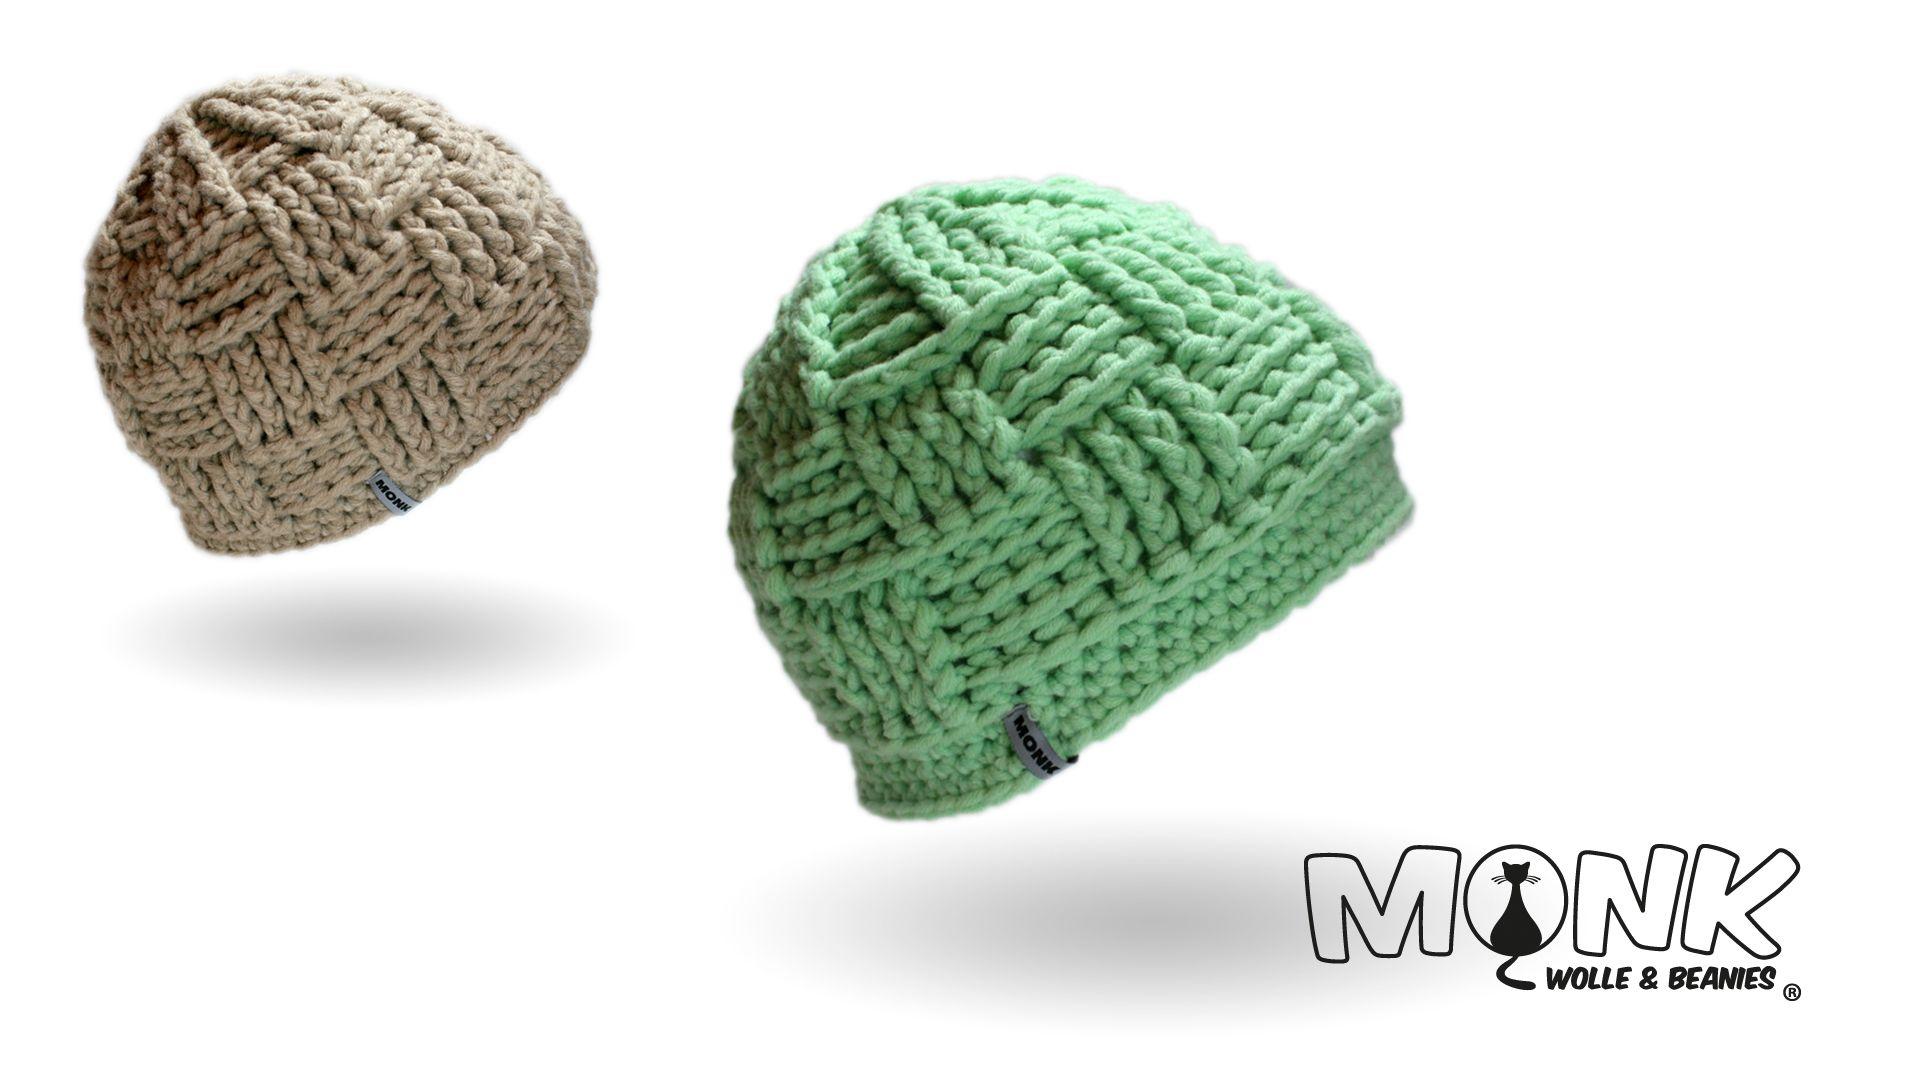 Mützen Beanies Häkeln Monk Wolle Beanies Mütze Häkeln